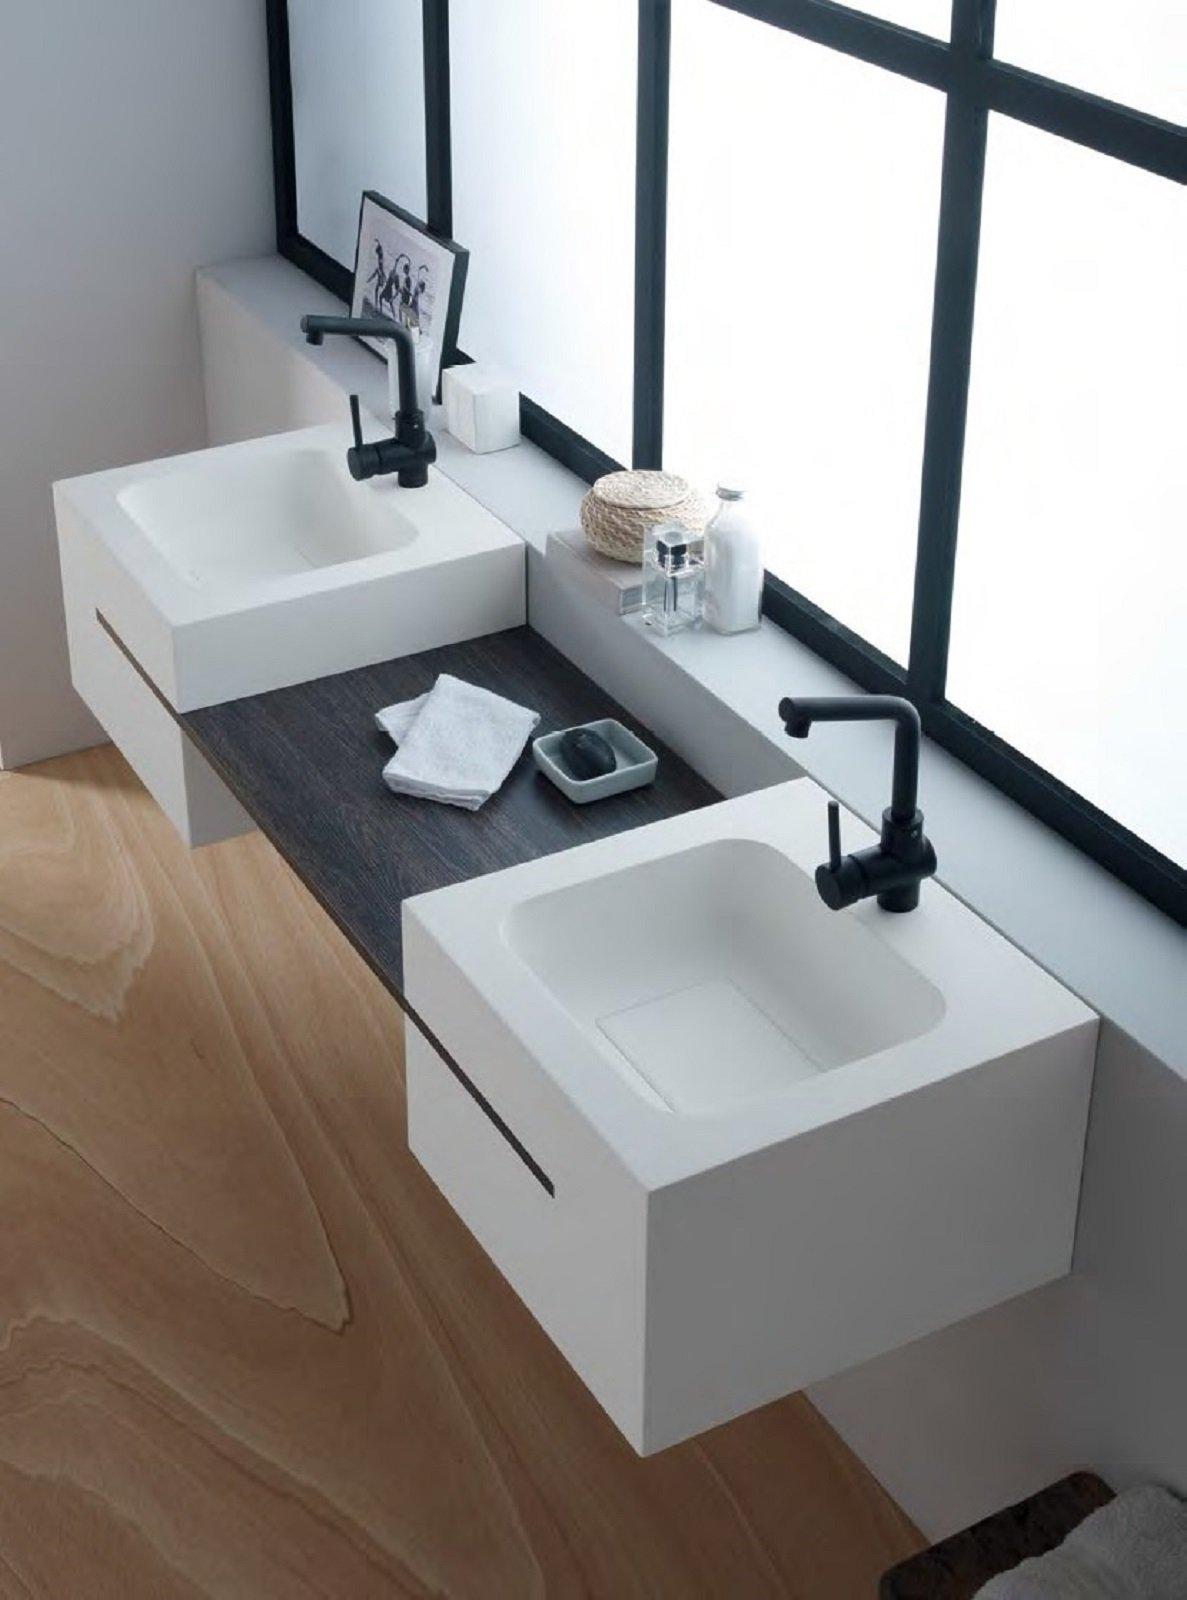 Mensole e piani d 39 appoggio per il lavabo cose di casa for Moderni piani di casa eco